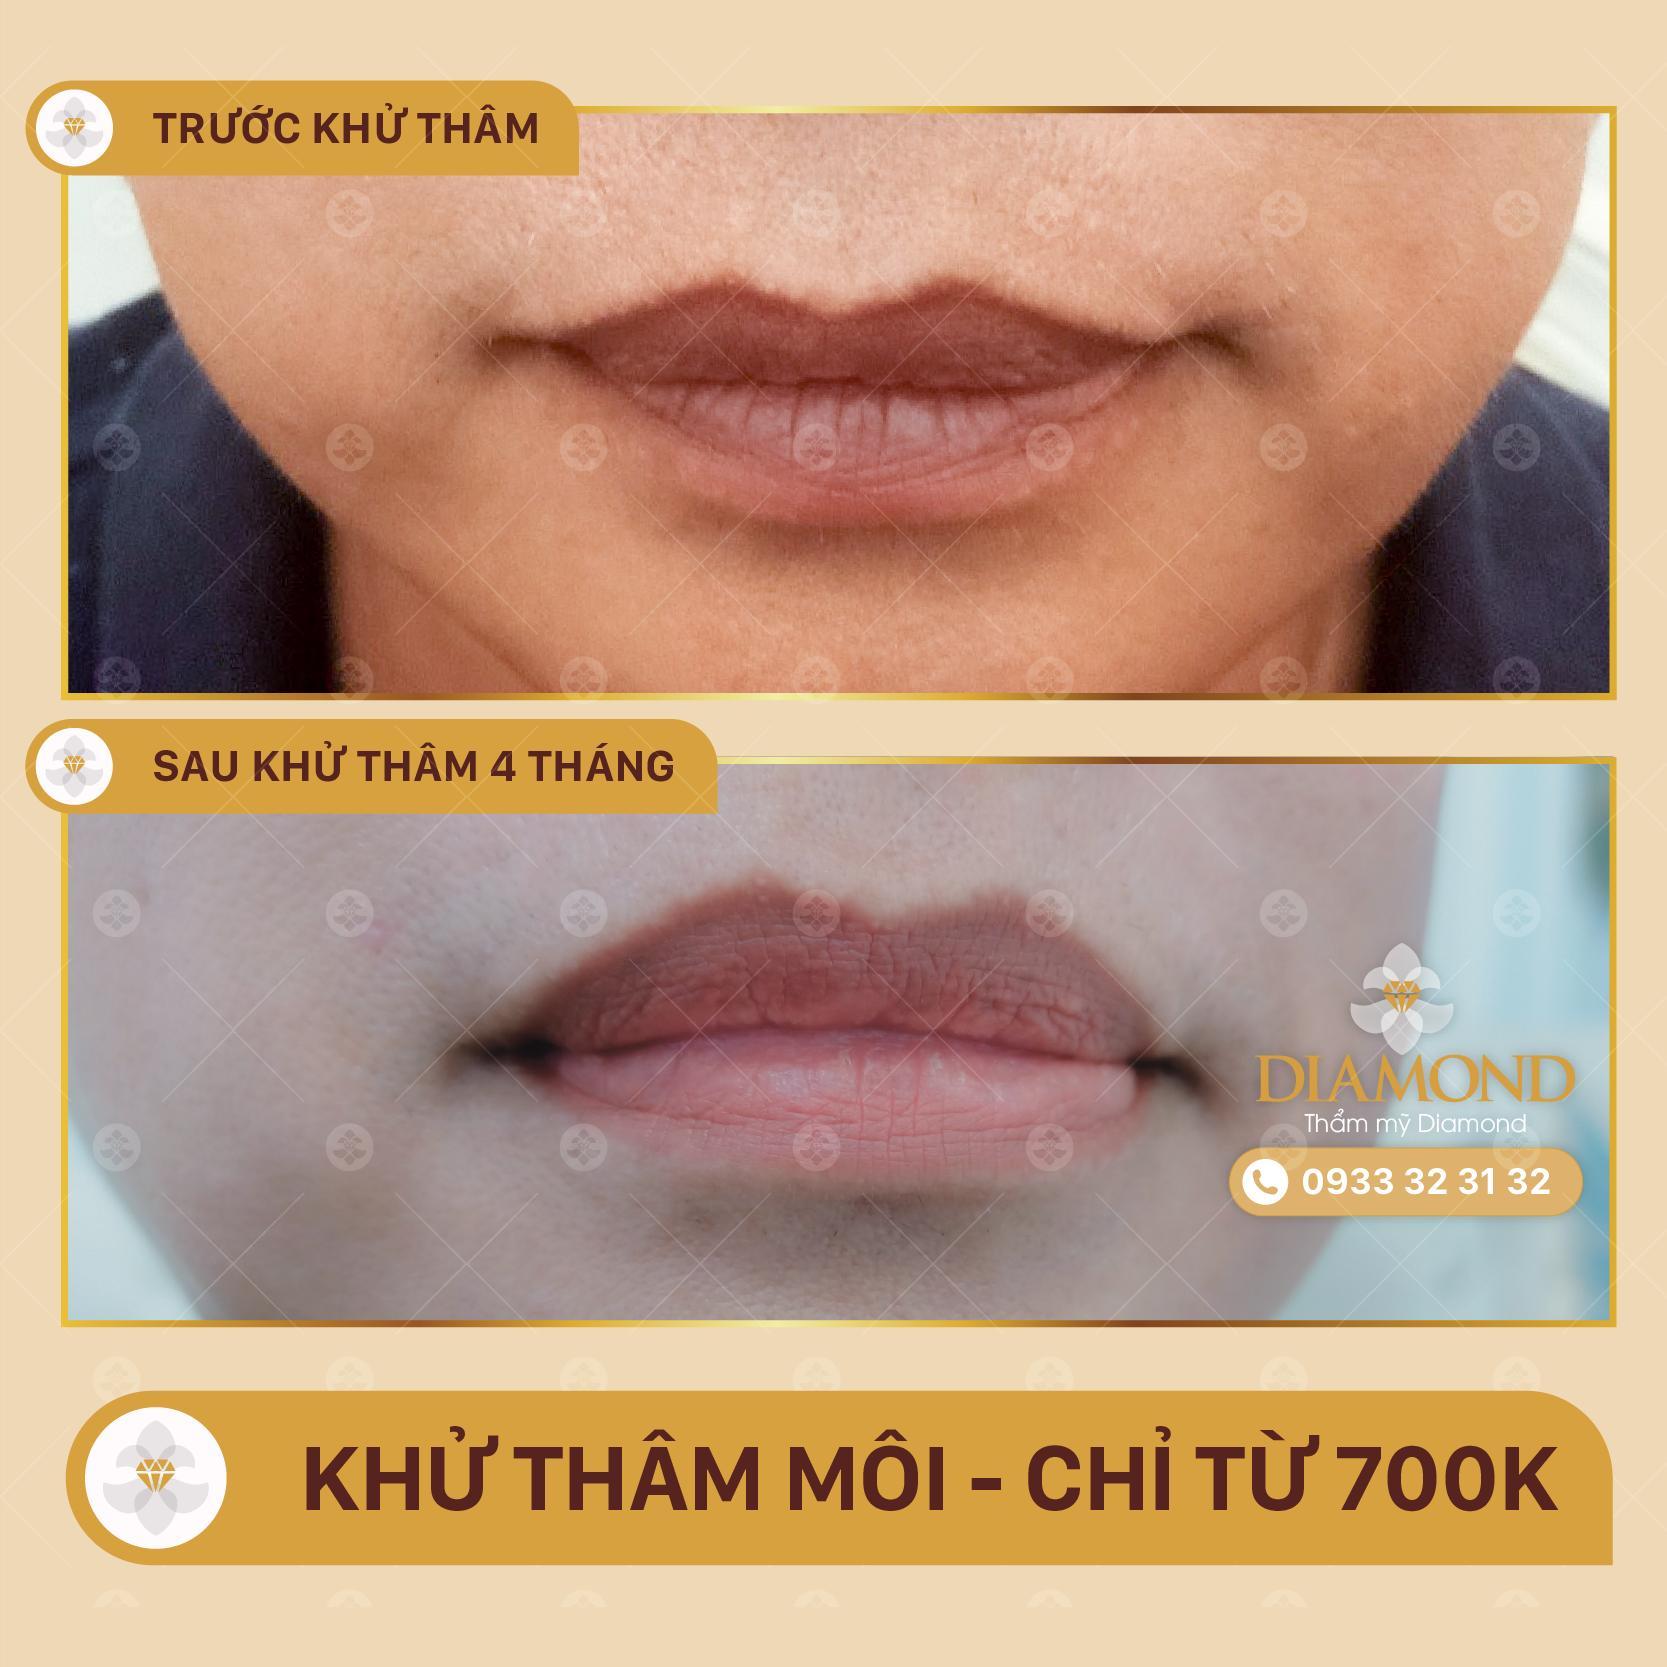 Khử thâm môi